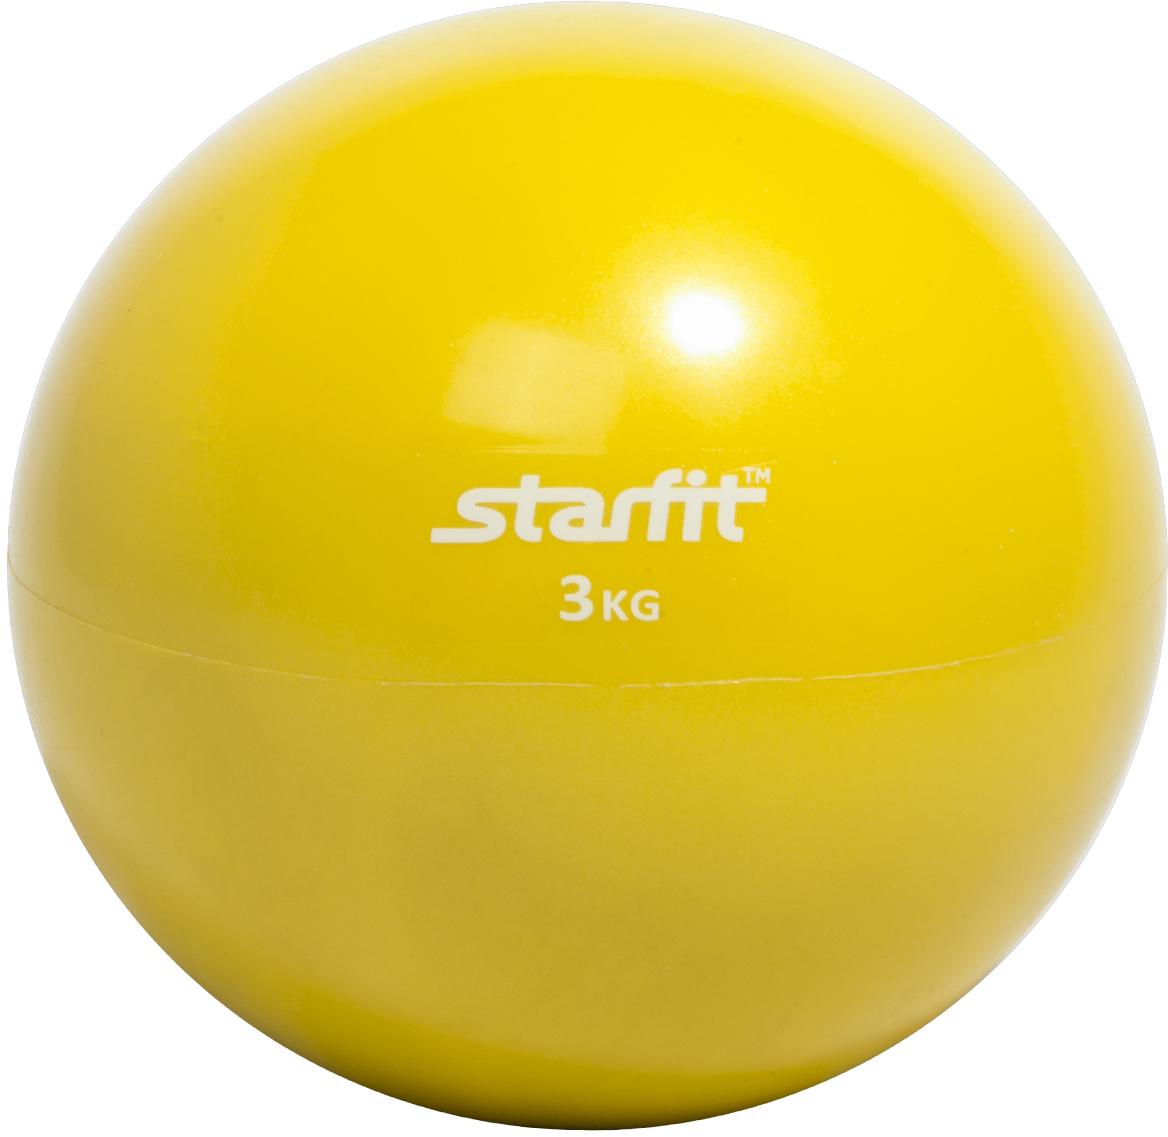 Медицинбол Starfit GB-703, цвет: желтый, 3 кгУТ-00008274Медицинбол GB-703 -это качественная модель Star Fit, которую используют и профессиональные спортсмены и любители. Медицинбол Star Fit имеет яркую цветовую гамму, которая никого не оставит равнодушным.Важный аксессуар для функциональной тренировки тела. Его используют в групповых программах, функциональном тренинге, бодибилдинге, фитнесе и пилатесе. Помогает в тренировке мышц пресса, мышц рук, грудной клетки, спины, плеч, ног и ягодиц. Его применяют для разнообразия и новизны в тренировках, что позволяет с помощью него провести полноценную тренировку для всего организма. Характеристики:Материал: ПВХНаполнитель: песокВес, кг: 3Цвет: зеленыйКоличество в упаковке, шт: 1Производство: КНР